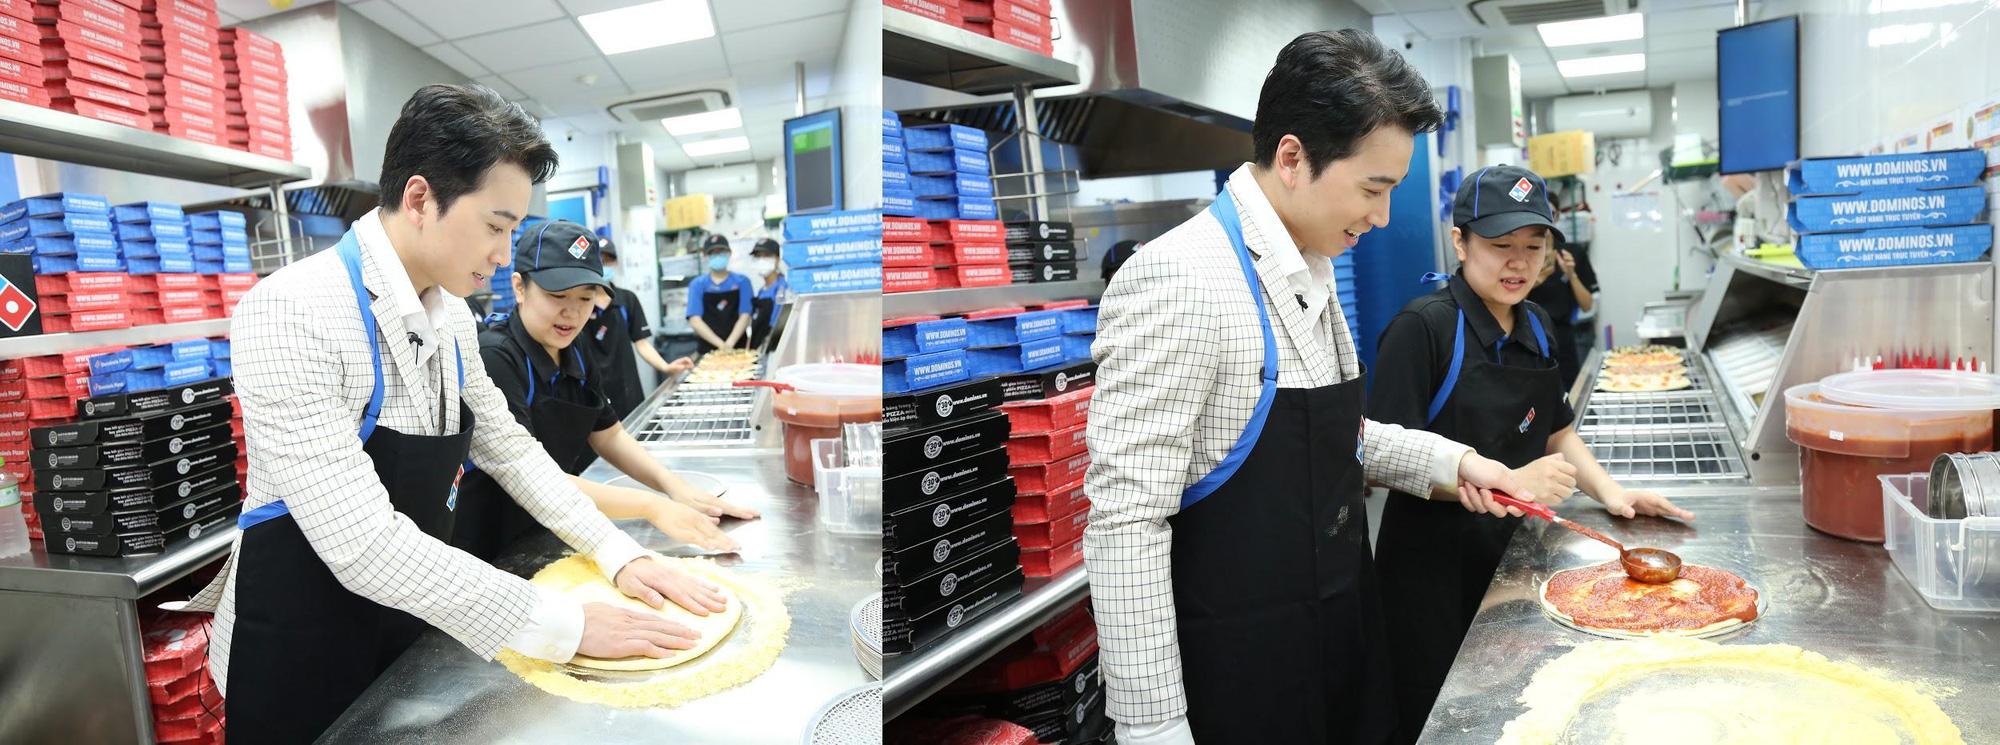 """Sau Chung kết Rap Việt, Karik trở thành """"Hoàng tử pizza"""" khuấy động buổi khai trương cửa hàng thứ 50 - Domino's Phạm Hồng Thái - Ảnh 3."""